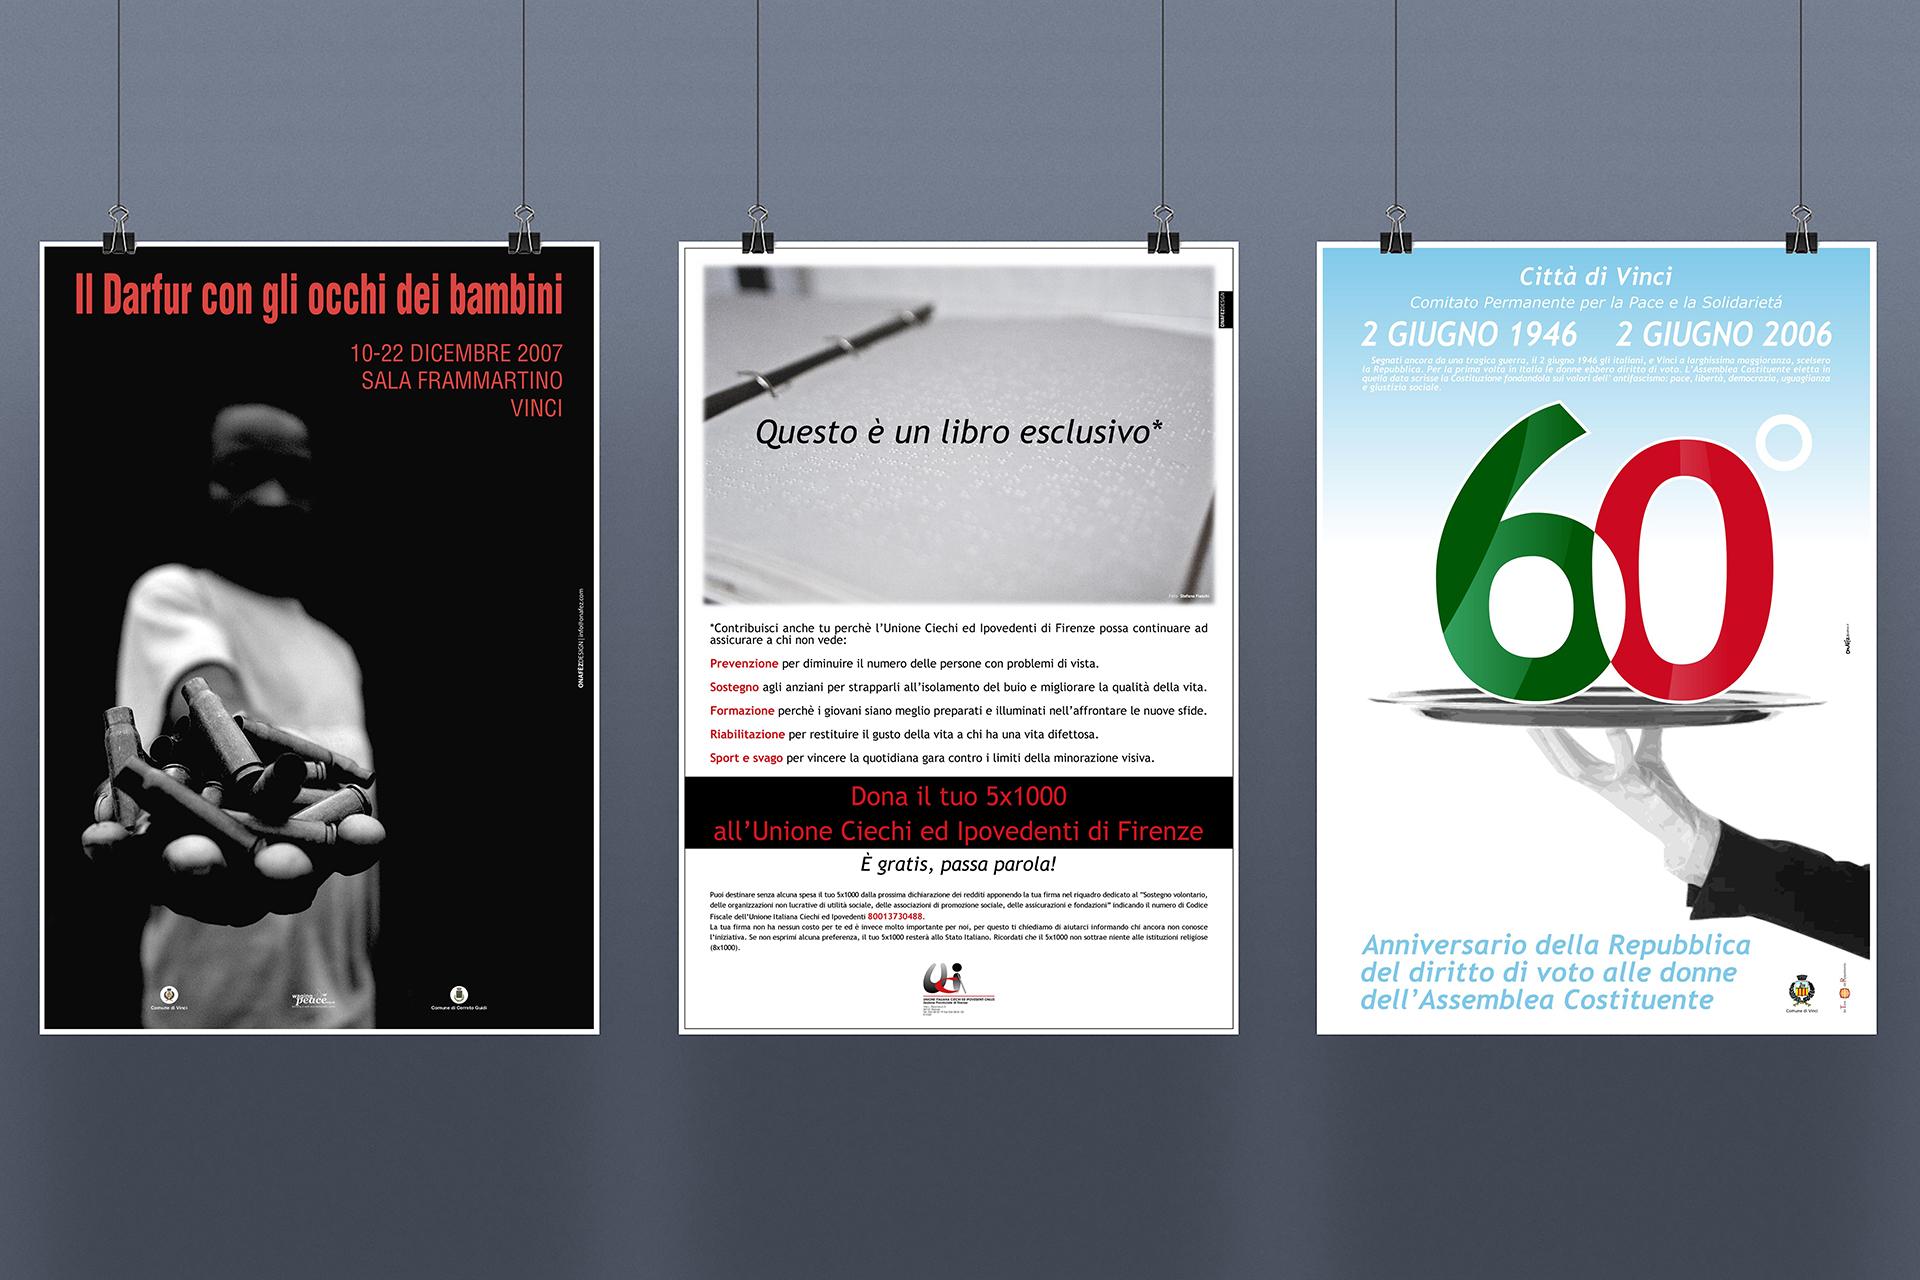 onafez design confesercenti poster adv darfur repubblica italiana ciechi braille